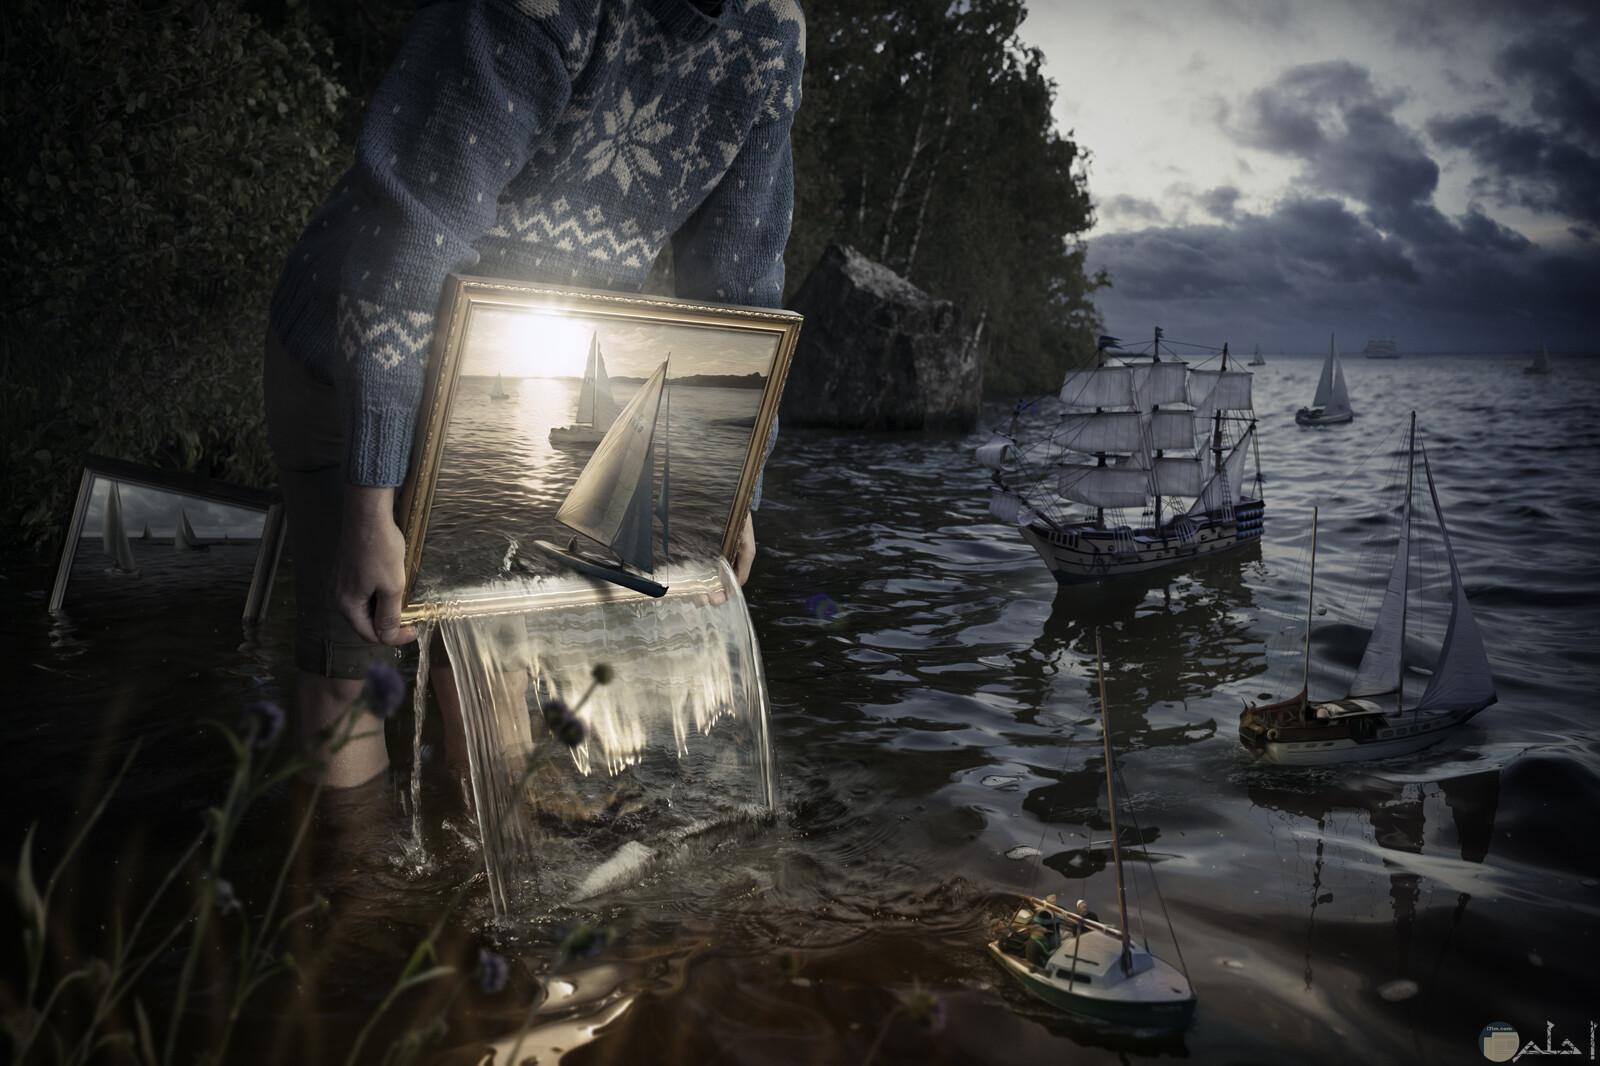 دمج الطبيعة مع الخيال، أحلى خلفيات خيالية.